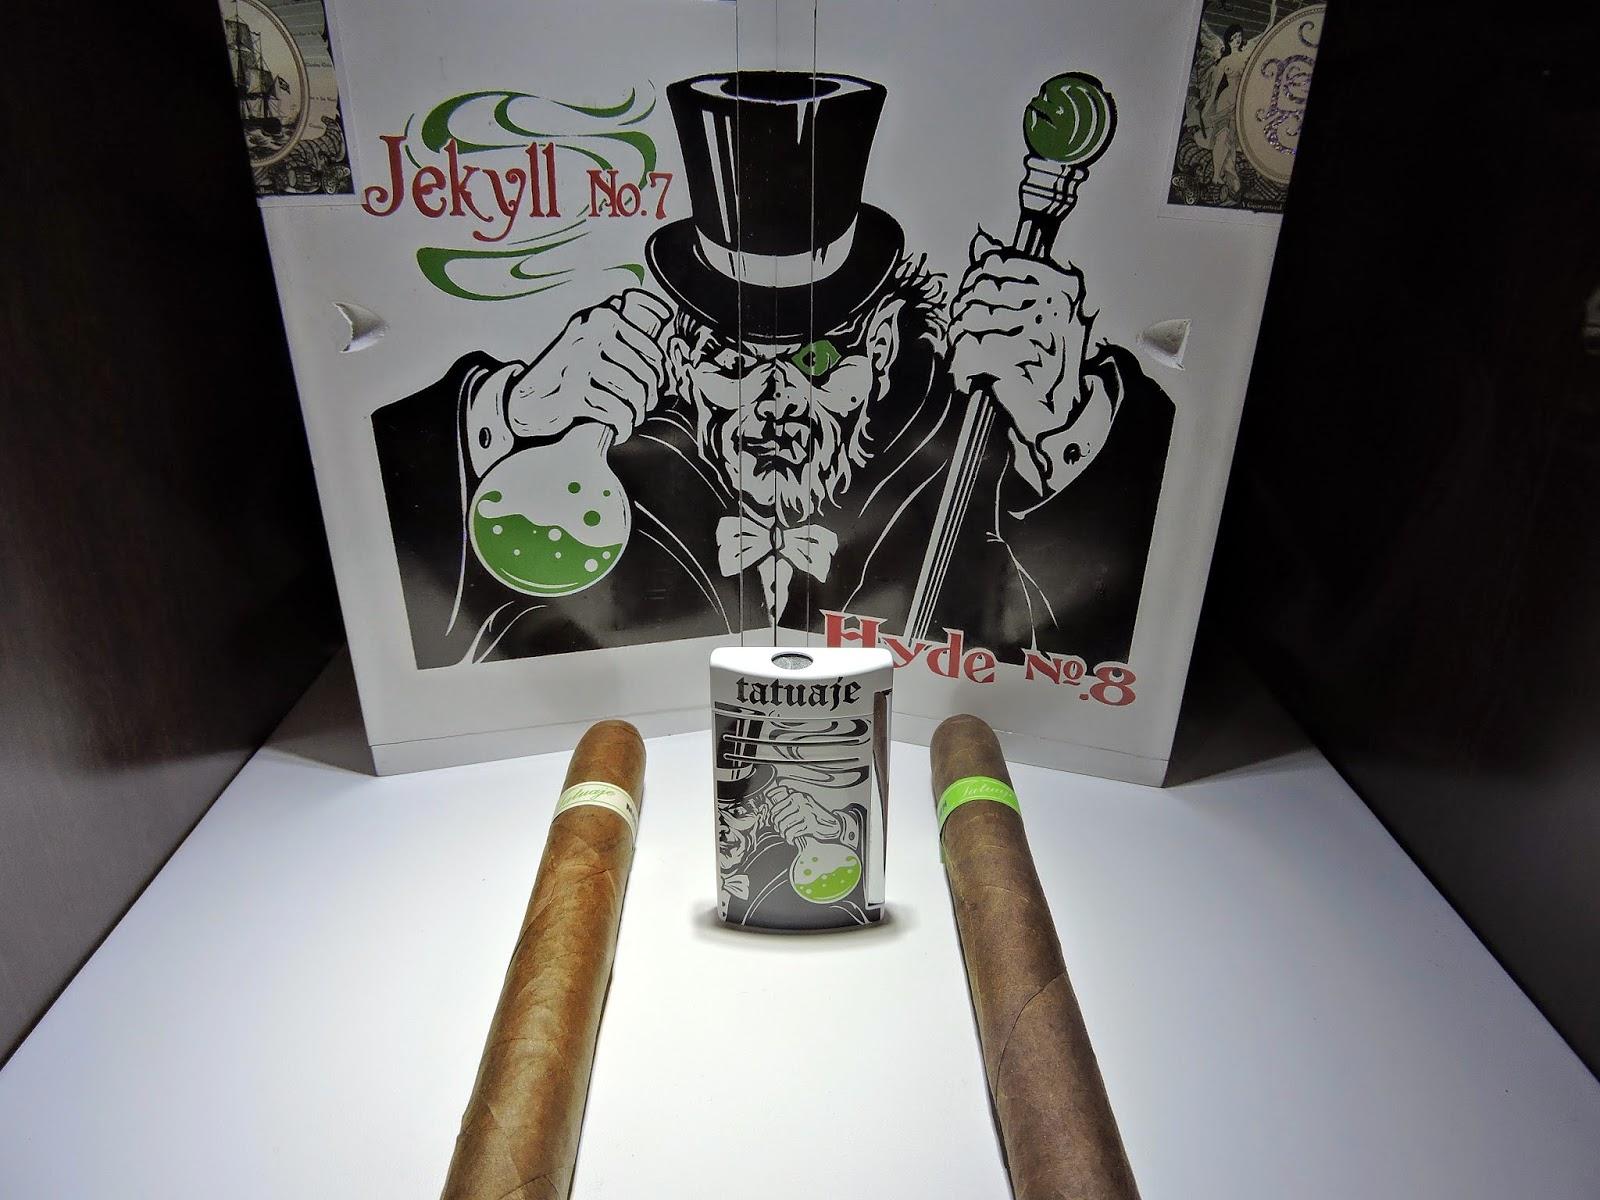 Tatuaje-Jekyll-Tatuaje-Hyde-Dress-Box